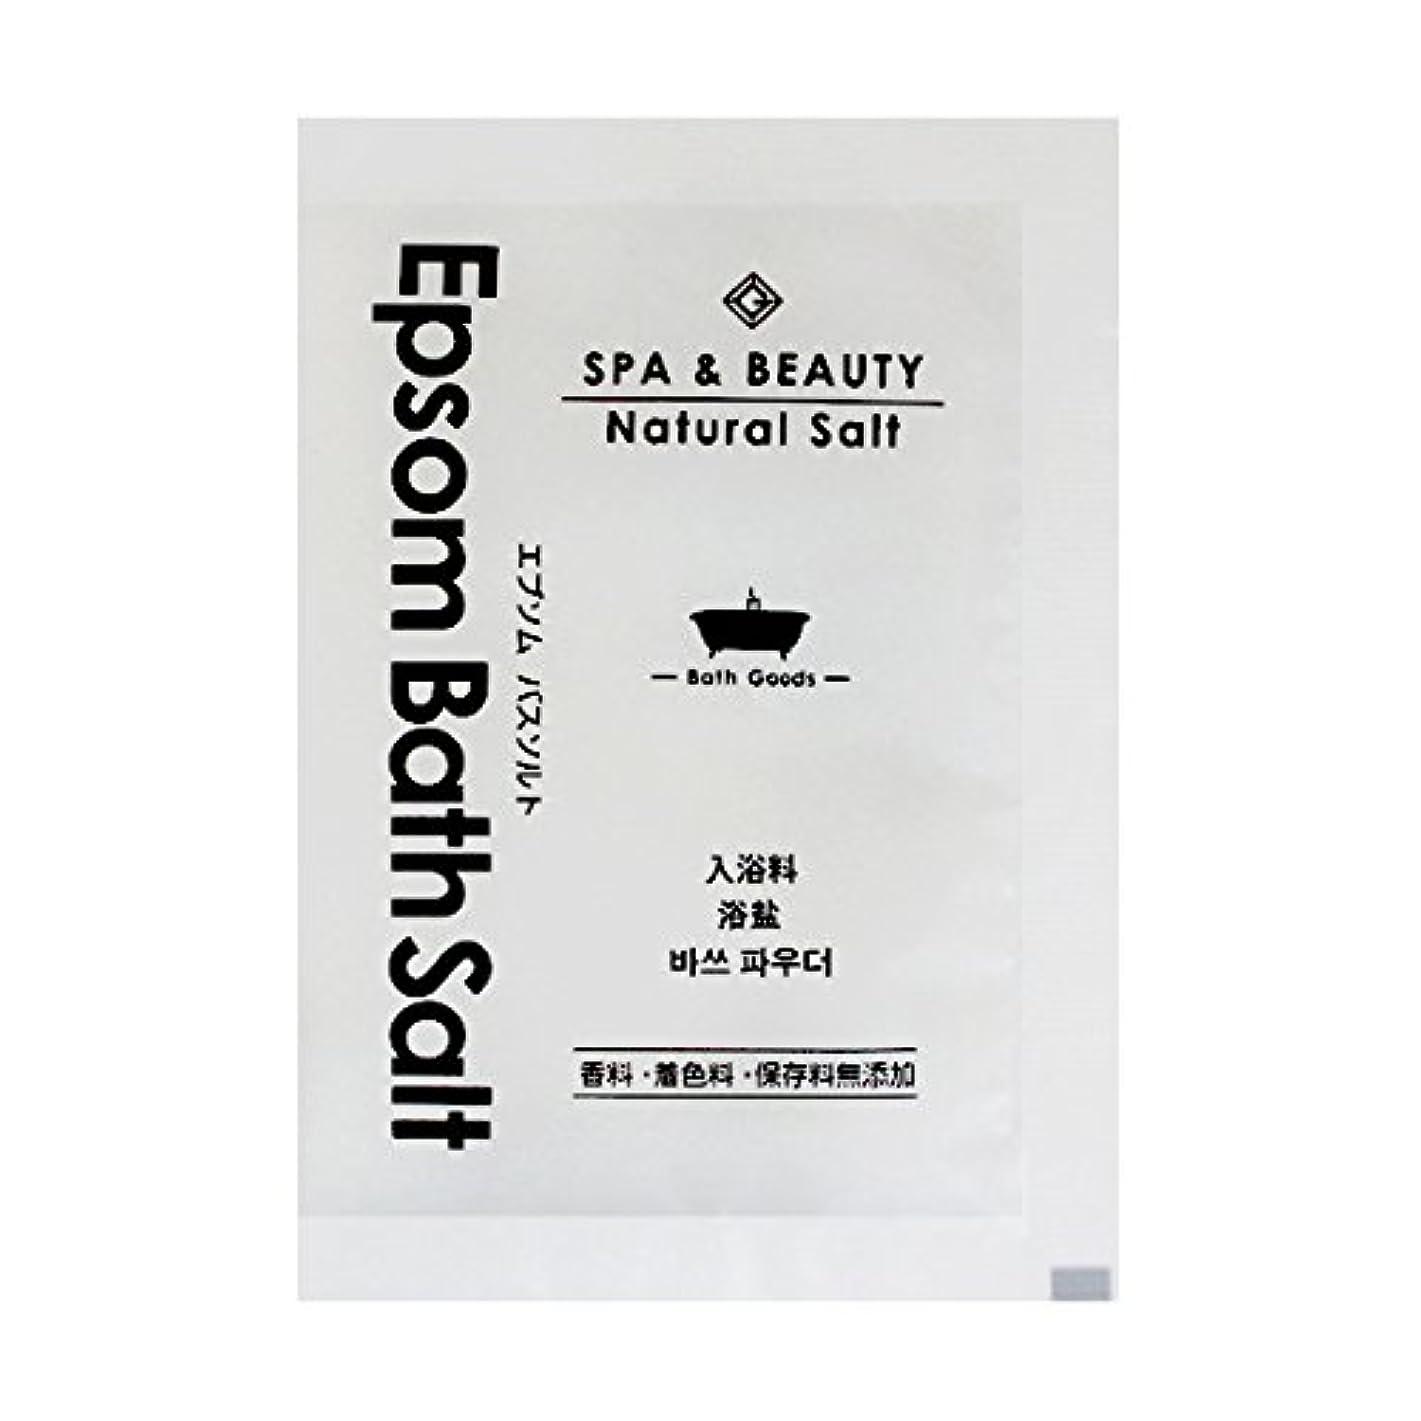 エスカレートレクリエーションバス入浴剤 エプソム バスソルト 24個